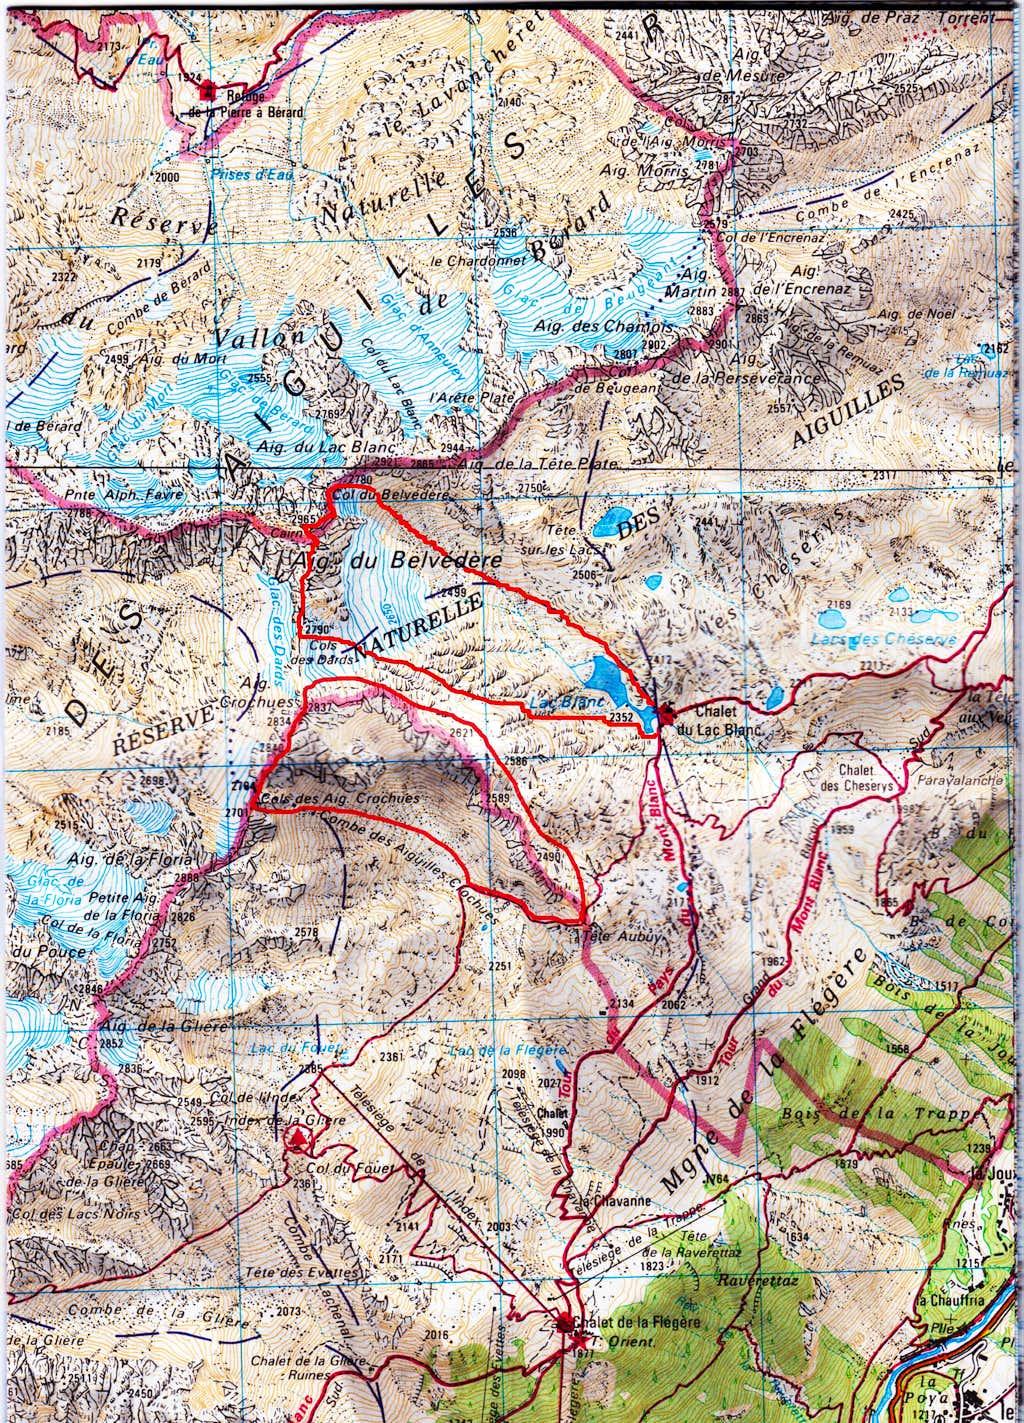 Traverse of Aiguilles Crochues and Aiguille du Belvedere